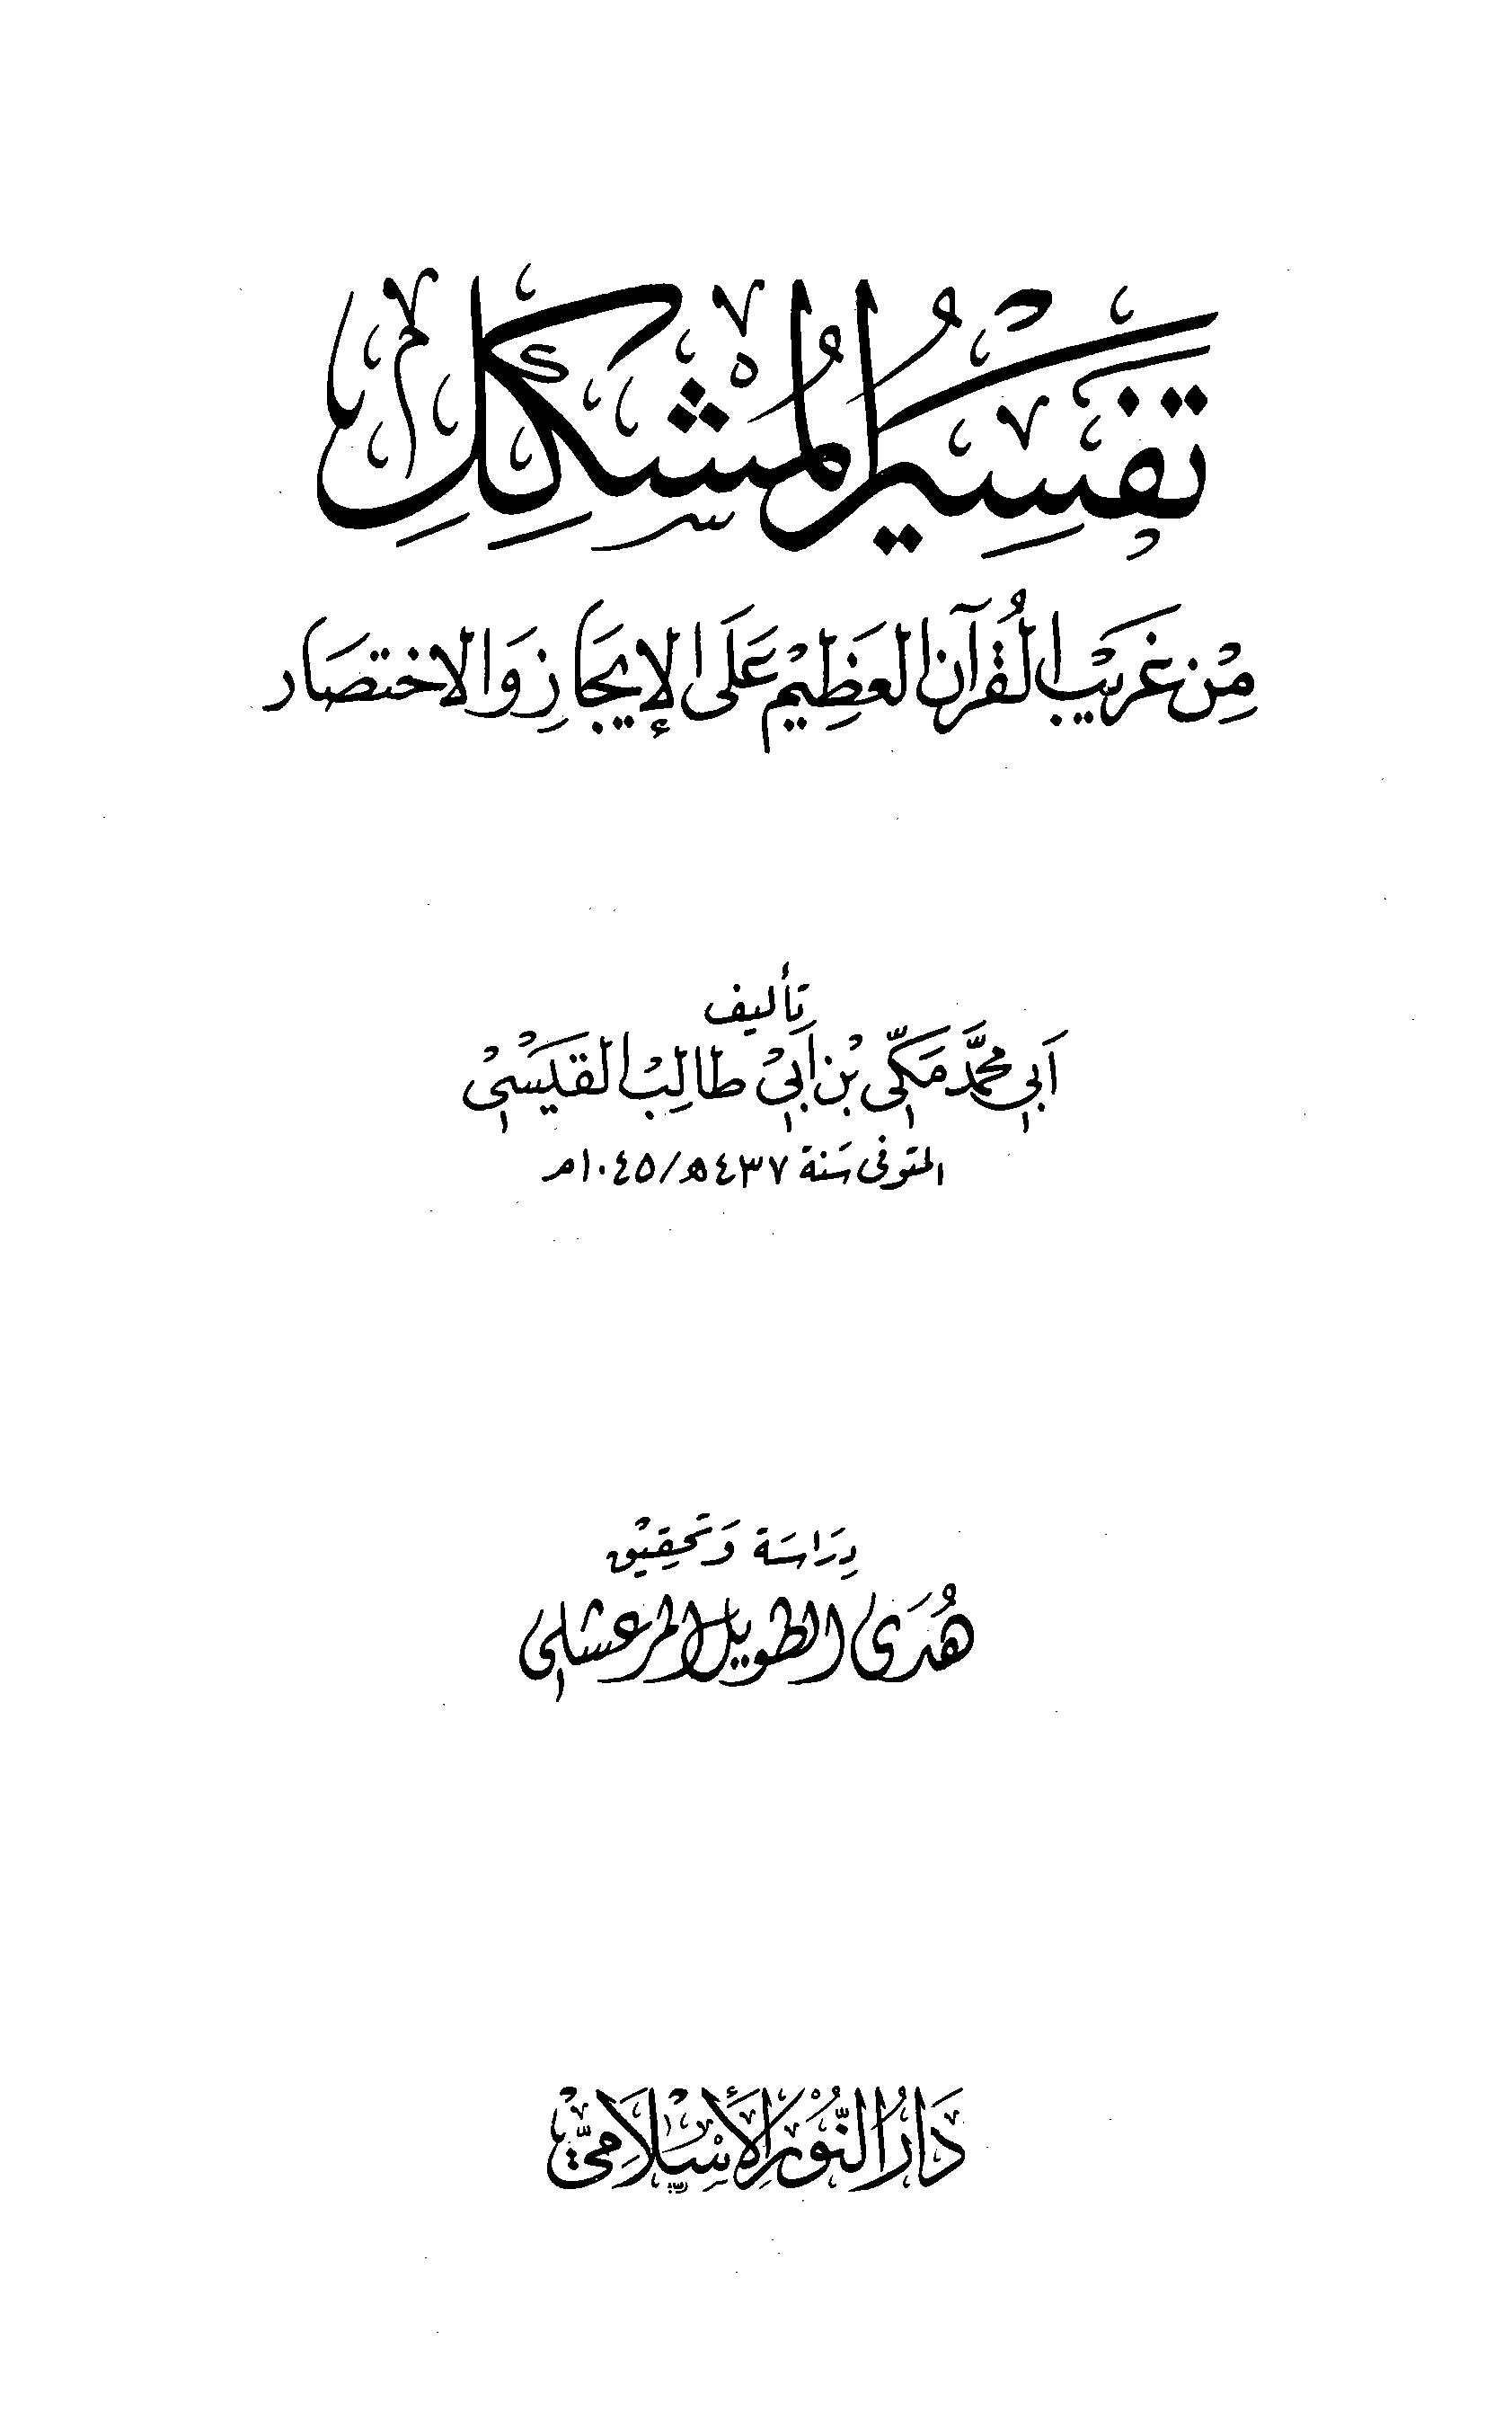 تحميل كتاب تفسير المشكل من غريب القرآن على الإيجاز والاختصار (ت. المرعشلي) لـِ: الإمام أبو محمد مكي بن أبي طالب حمّوش القيسي (ت 437)